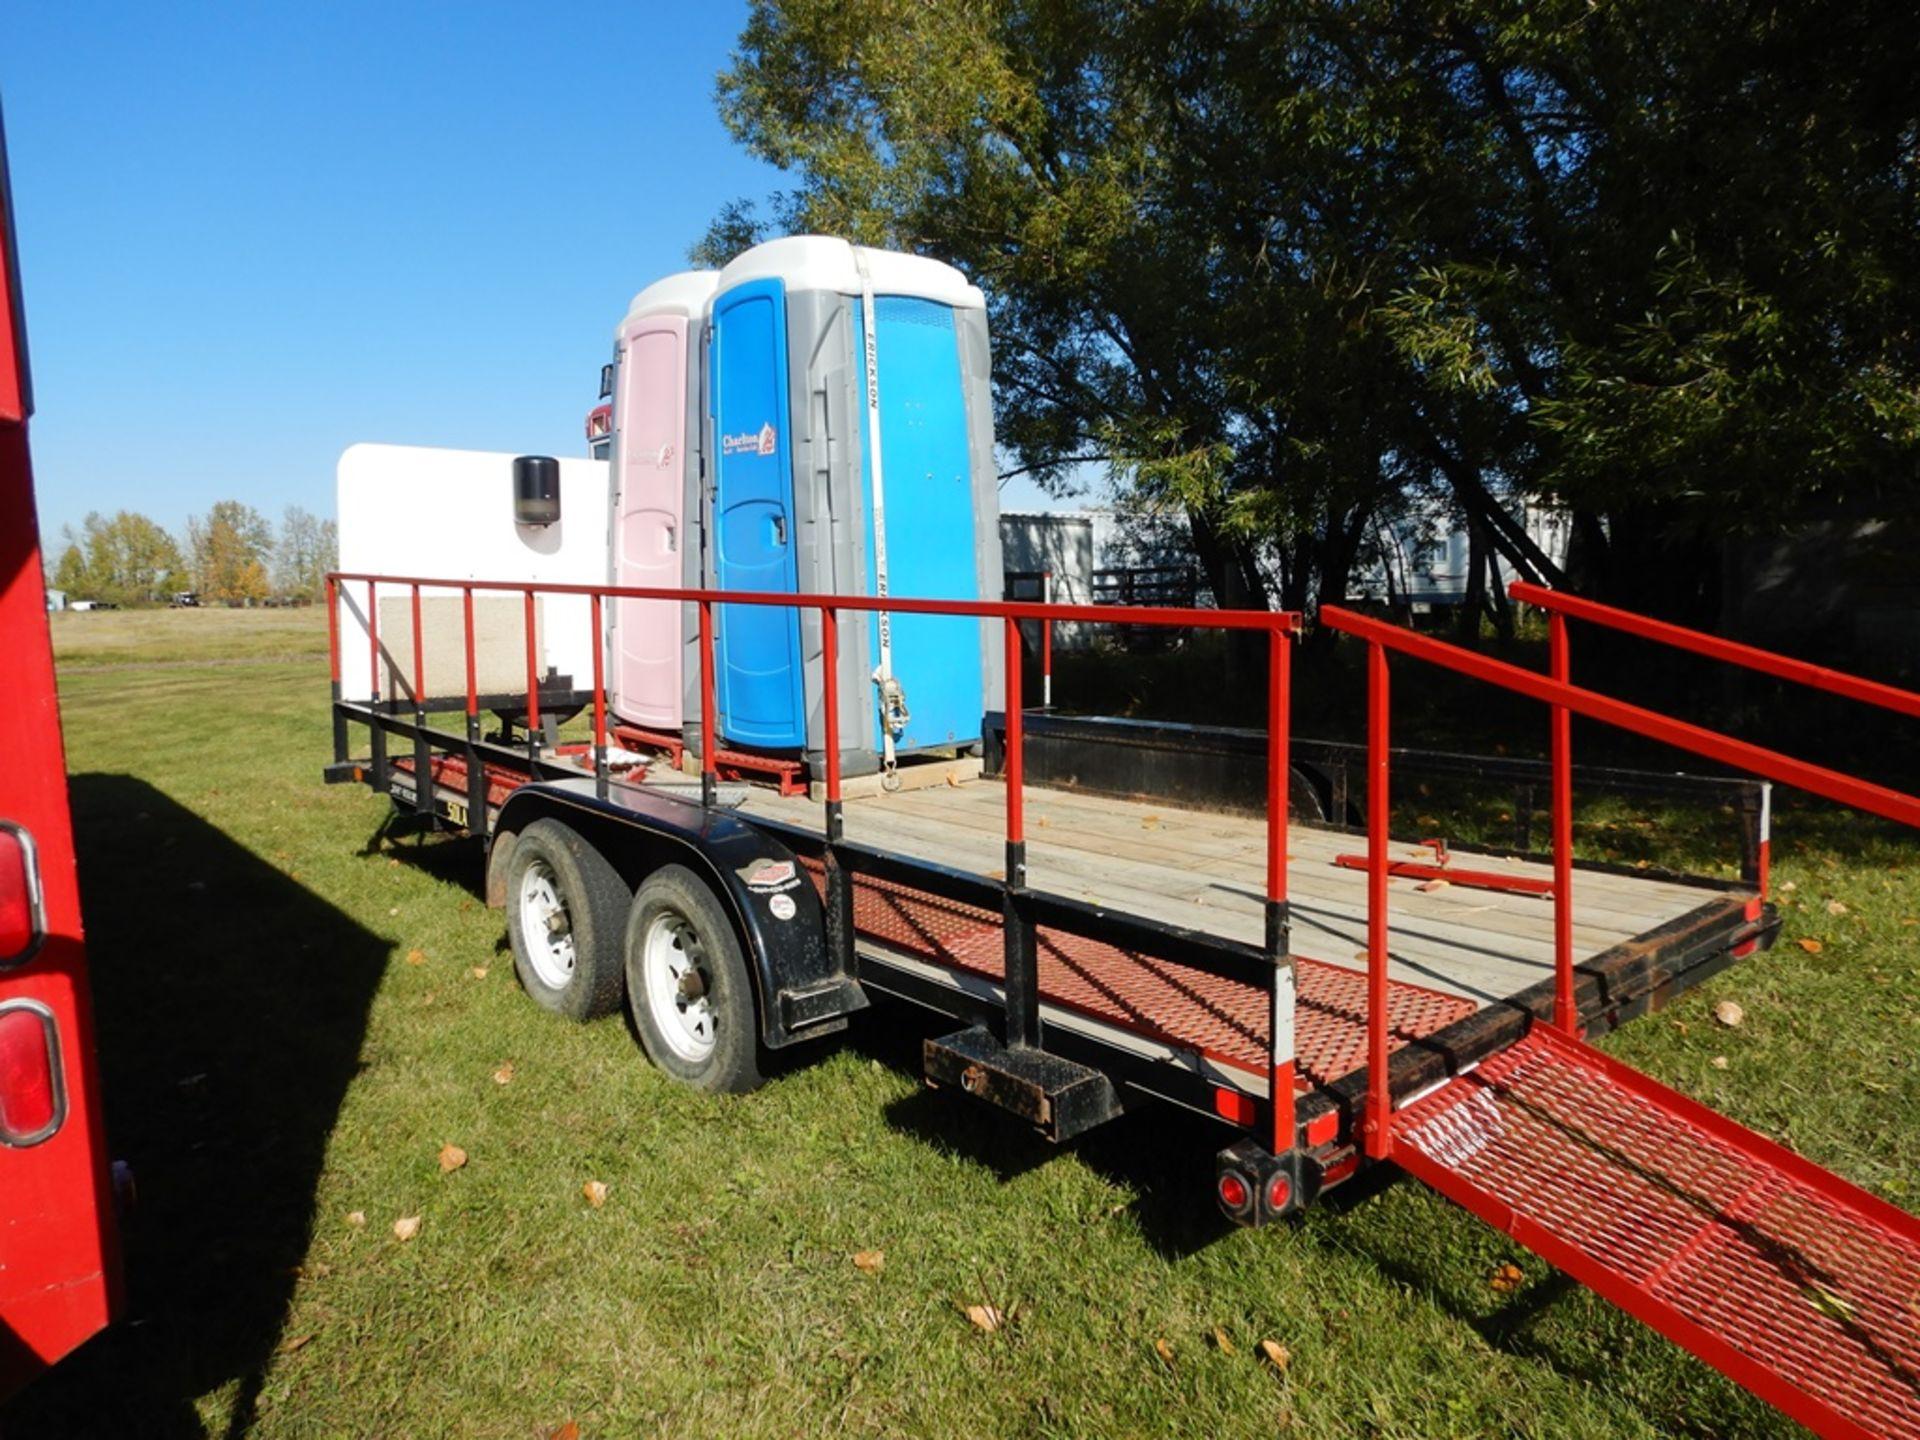 Lot 3 - 2011 BIG TEX 18' FLAT DECK T/A CAR TRAILER RIGGED W/2-PORTA POTTIES M # 50LA-18 5000LB GVWRS/N